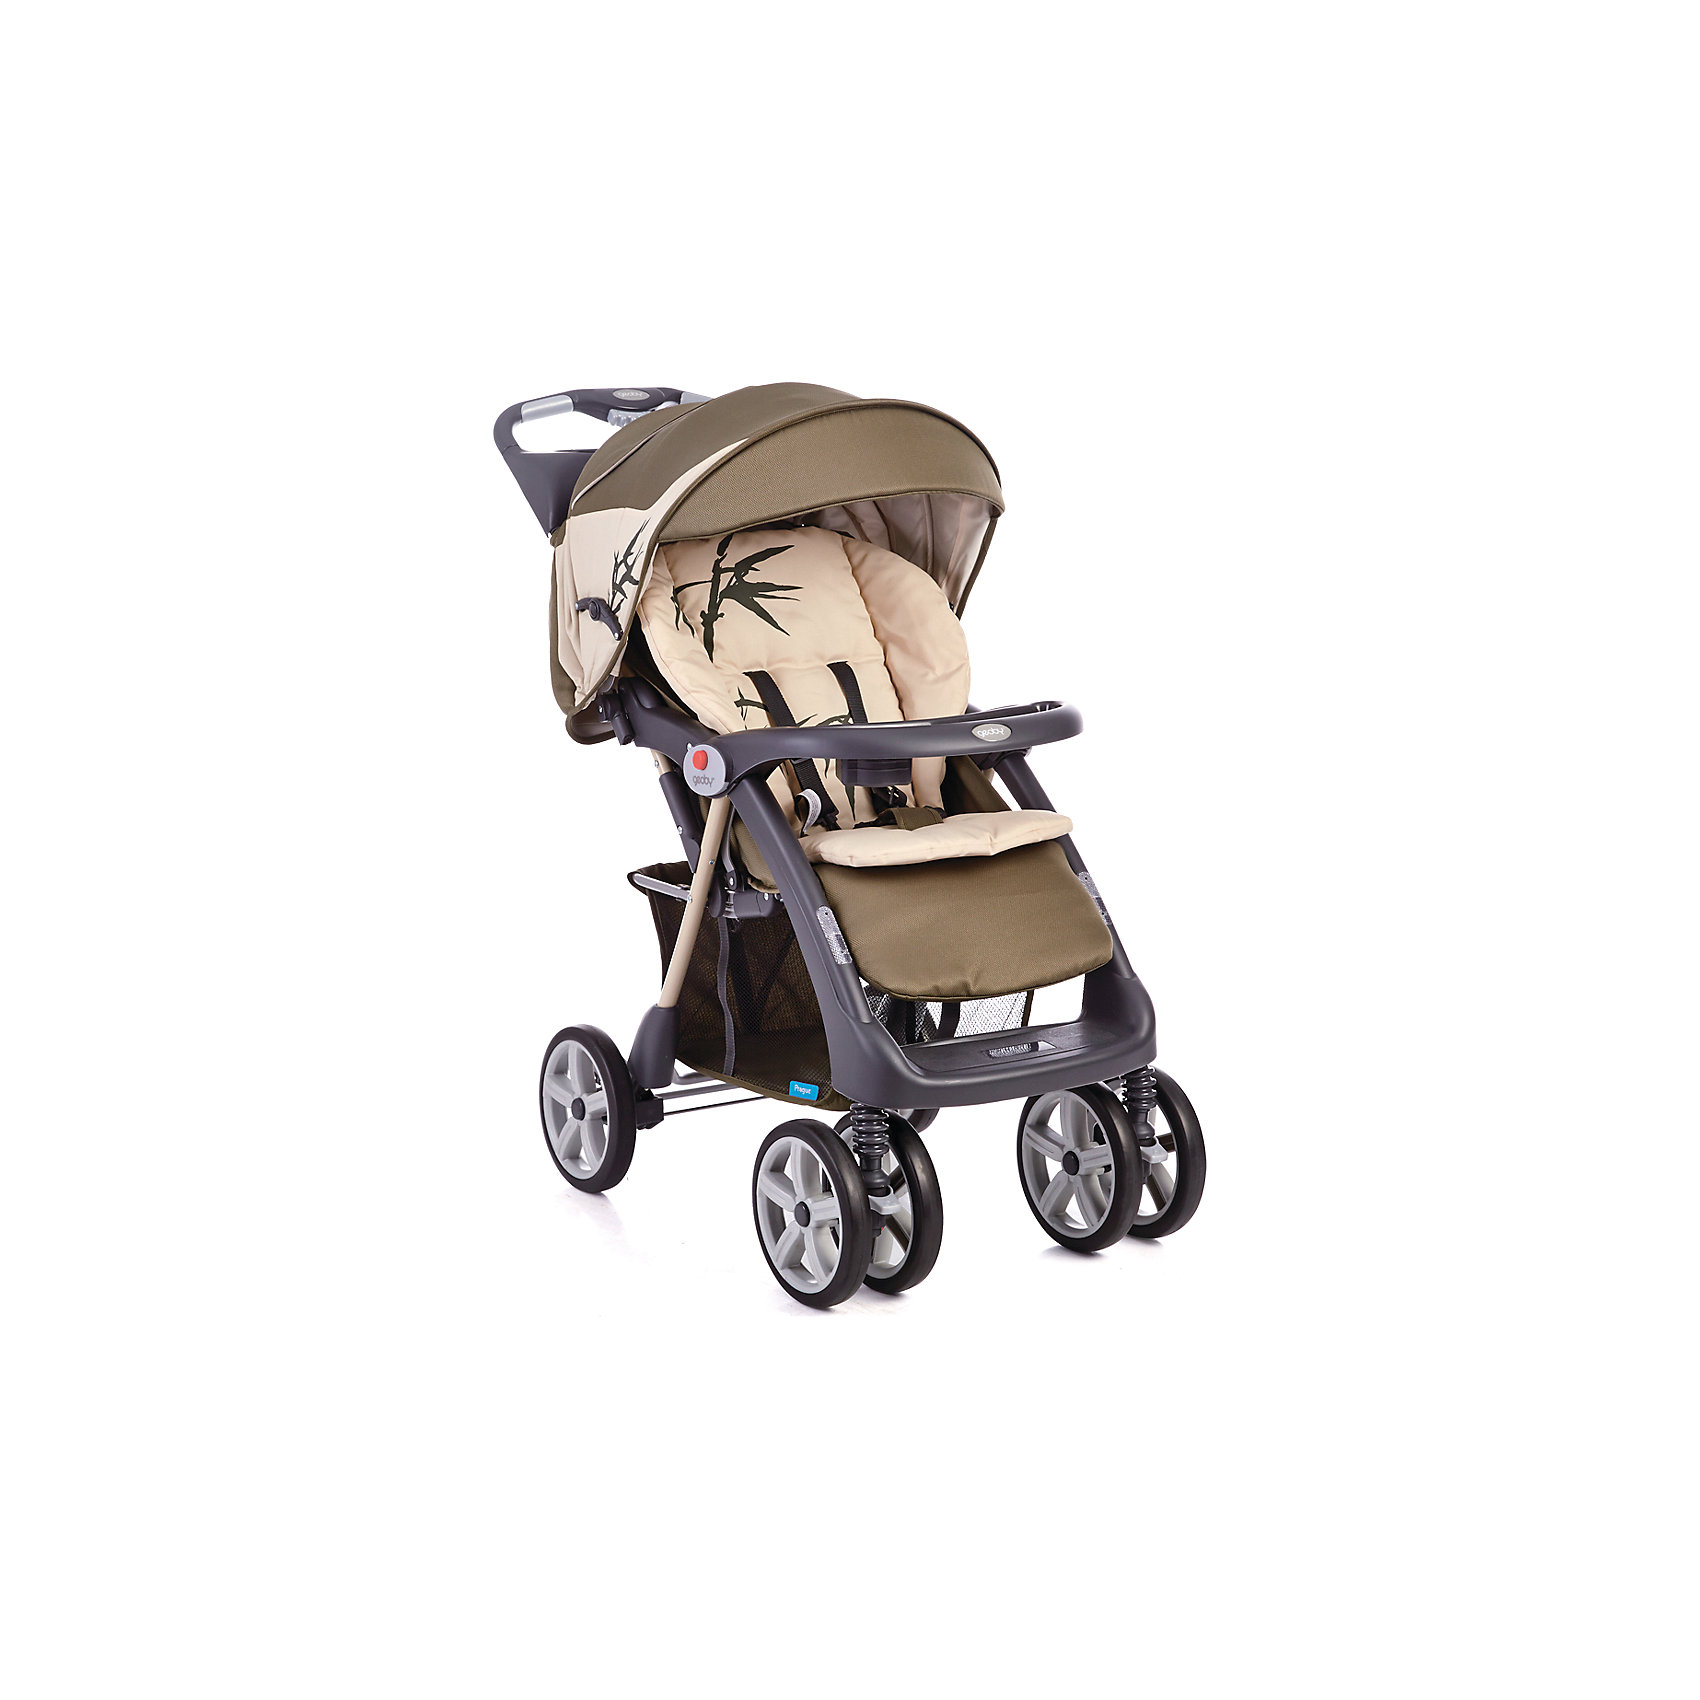 Прогулочная коляска C879CR (RKFY-G), Geoby, бежевый/зеленыйКоляска Geoby C879CR - прекрасный вариант для путешествий, прогулок и активного отдыха детьми! Удобная и манёвренная модель имеет сдвоенные передние поворотные колеса, которые обеспечивают прекрасную проходимость на любом грунте. Жесткая спинка дополнена мягкой набивкой, регулируется в трех положениях, что гарантирует малышам отличный сон и отдых на свежем воздухе. Глубокий капюшон убережет ребенка от солнечных лучей или же холодного ветра и дождя, пятиточечные страховочные ремни обеспечат безопасность даже самым активным маленьким путешественникам. Коляска легко и быстро складывается, нужно лишь нажать кнопку на ручке. В сложенном виде занимает очень мало места.<br><br>Дополнительная информация:<br><br><br>- Материал: сталь, пластик, резина, текстиль. <br>- Размер в сложенном виде: 33х58х105 см.<br>- Размер в разложенном виде:103х58х98 см.<br>- Механизм складывания: книжка. <br>- Система амортизации.<br>- Задний стояночный тормоз.<br>- Количество колес: 6 (передние сдвоенные).<br>- Передние колеса поворотные с фиксацией. <br>- Диаметр колес: 21,5 см.<br>- Ширина шасси: 56 см.<br>- Высота ручки: 100 см.<br>- Вес: 11,9 кг.<br>- Регулировка наклона спинки в 3 положениях (до положения лежа).<br>- Съемный столик с подставкой для бутылочки.<br>- Столик с ящичком и подставкой для стакана (на ручке коляски).<br>- Регулируемая подножка.<br>- Большой капюшон со смотровым окном.<br>- Пятиточечные ремни безопасности.<br>- Быстро и удобно складывается одной рукой. <br>- Съемный мягкий матрасик.<br>- Устойчиво стоит в сложенном виде.<br>- Корзина для вещей. <br>- В комплекте: полог, дождевик, матрасик.<br><br>Прогулочную коляску C879CR (R4BB), Geoby (Геоби), бежевую/зеленую, можно купить в нашем магазине.<br><br>Ширина мм: 500<br>Глубина мм: 310<br>Высота мм: 920<br>Вес г: 14900<br>Возраст от месяцев: 6<br>Возраст до месяцев: 36<br>Пол: Унисекс<br>Возраст: Детский<br>SKU: 4787778